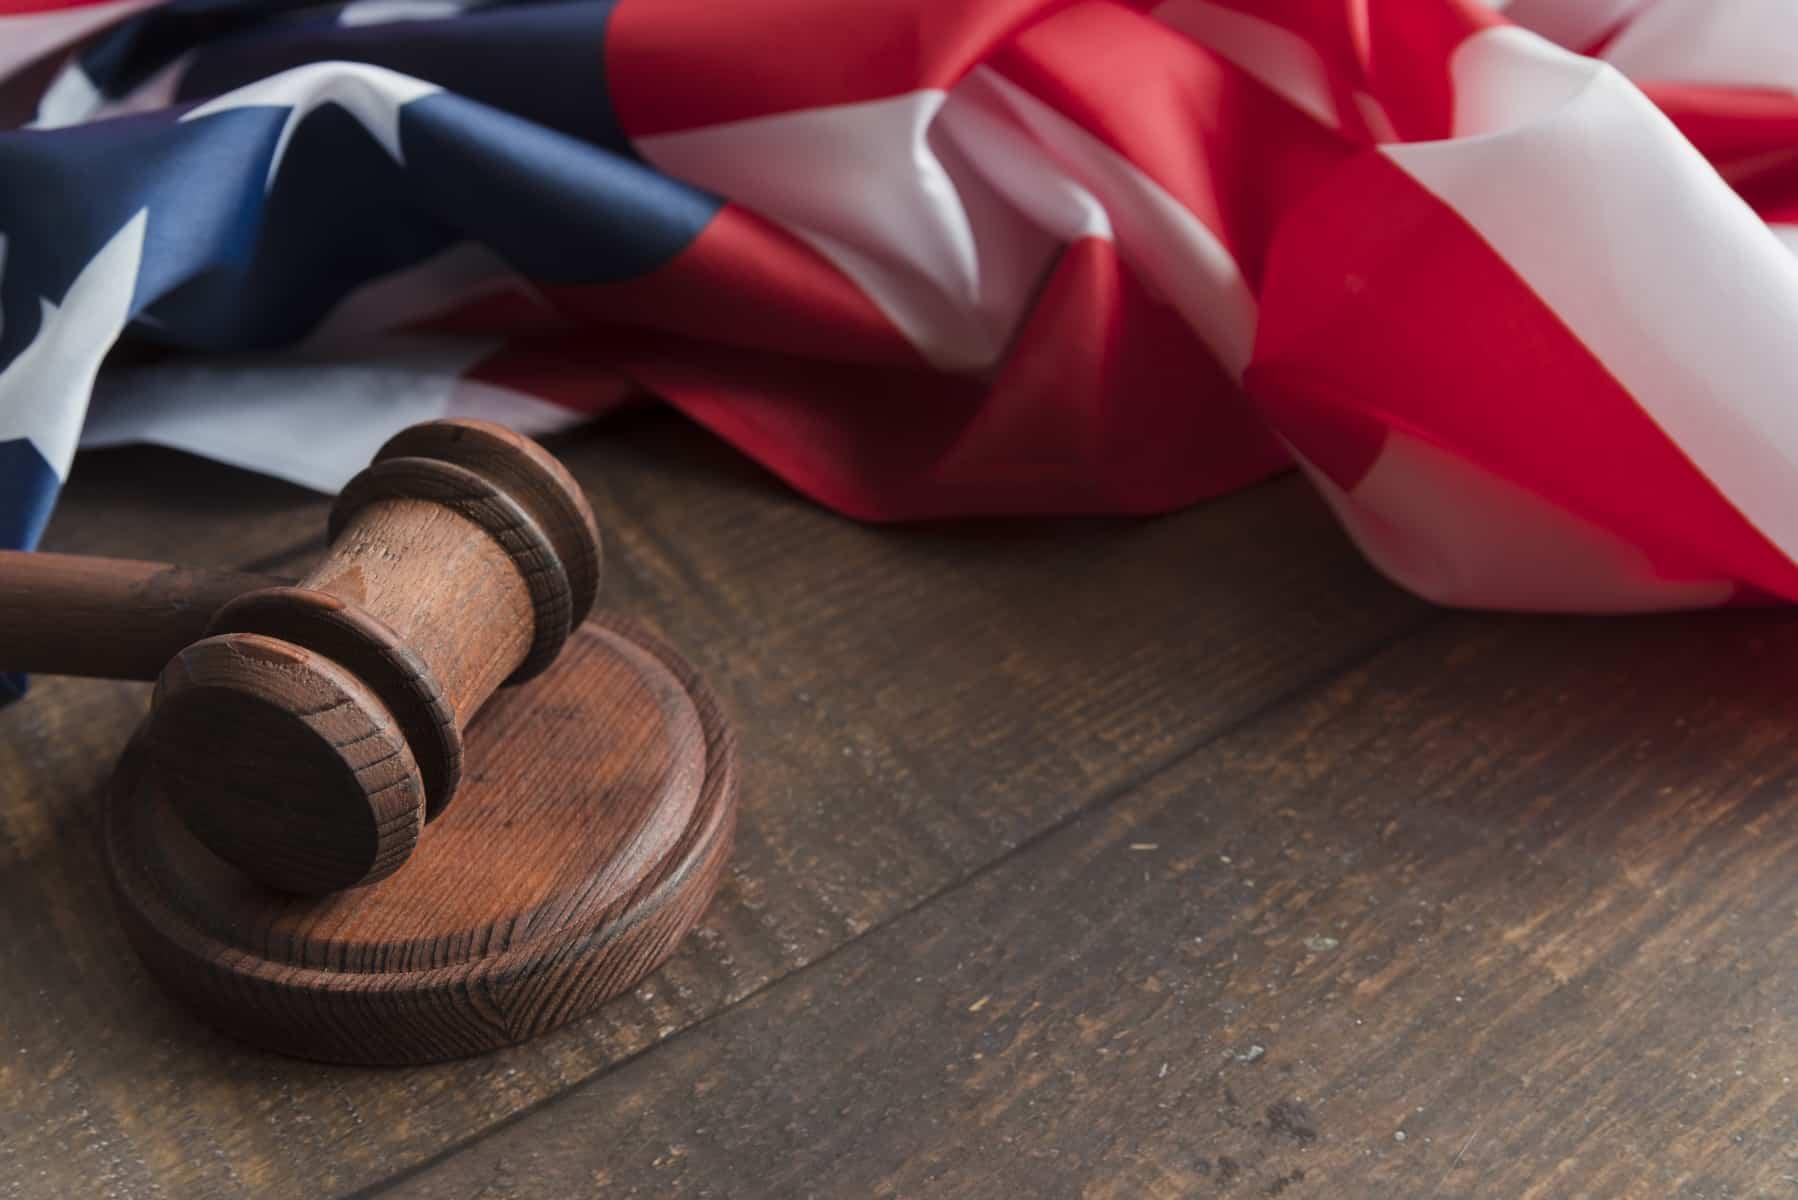 Da li je muslimanu dozvoljeno da mu se sudi po neislamskim zakonima